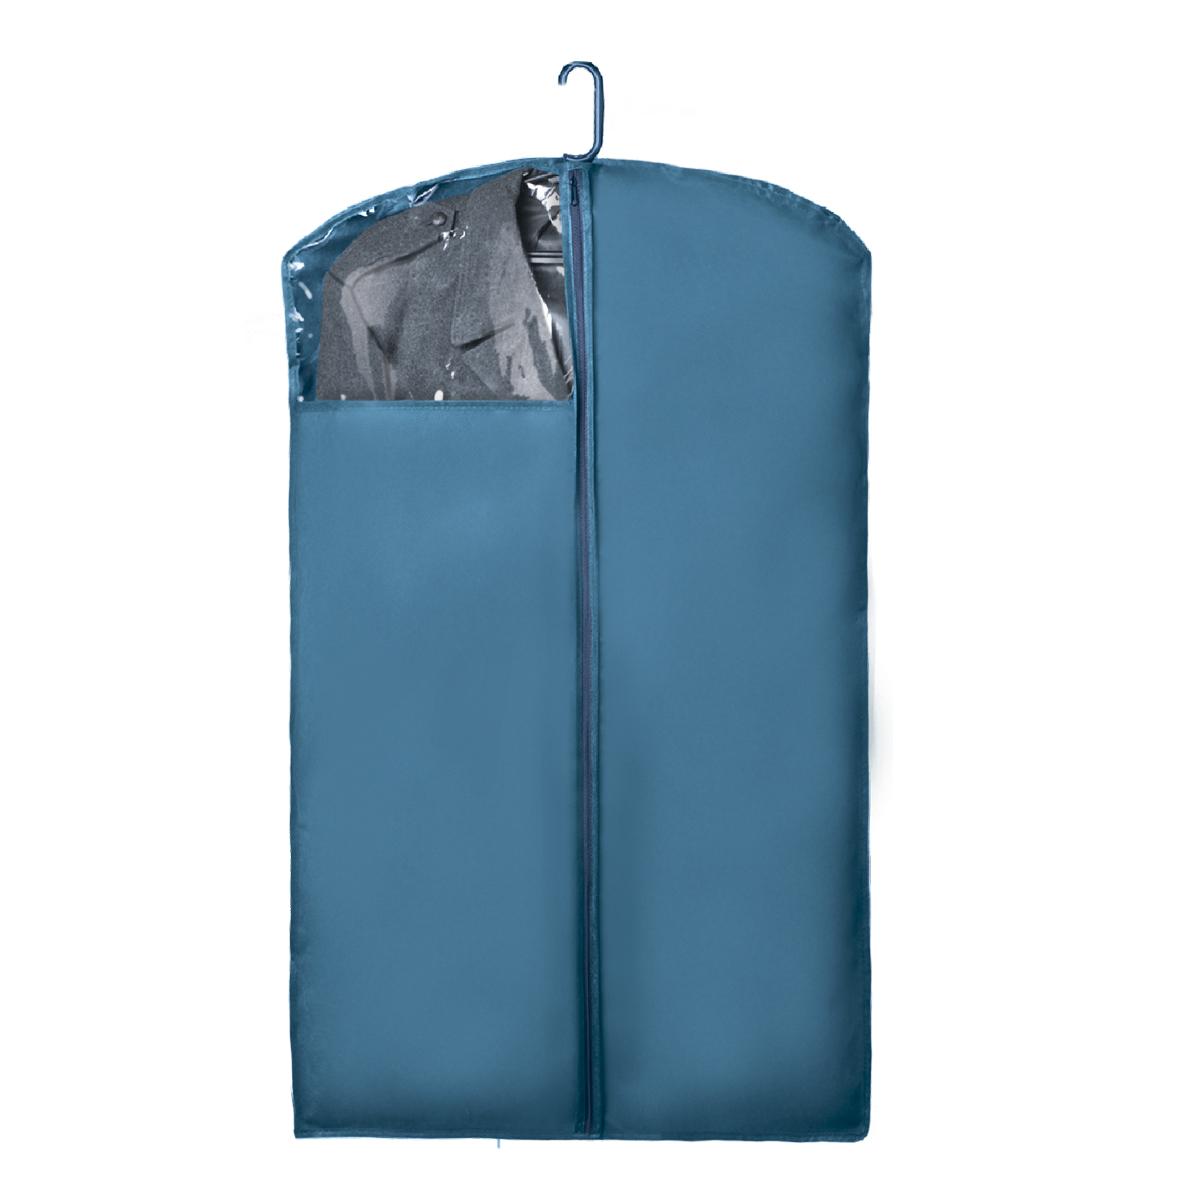 Чехол для верхней одежды Miolla, цвет: голубой, 100 х 60 смCHL-1-3Чехол для верхней одежды 100 x 60 см голубой